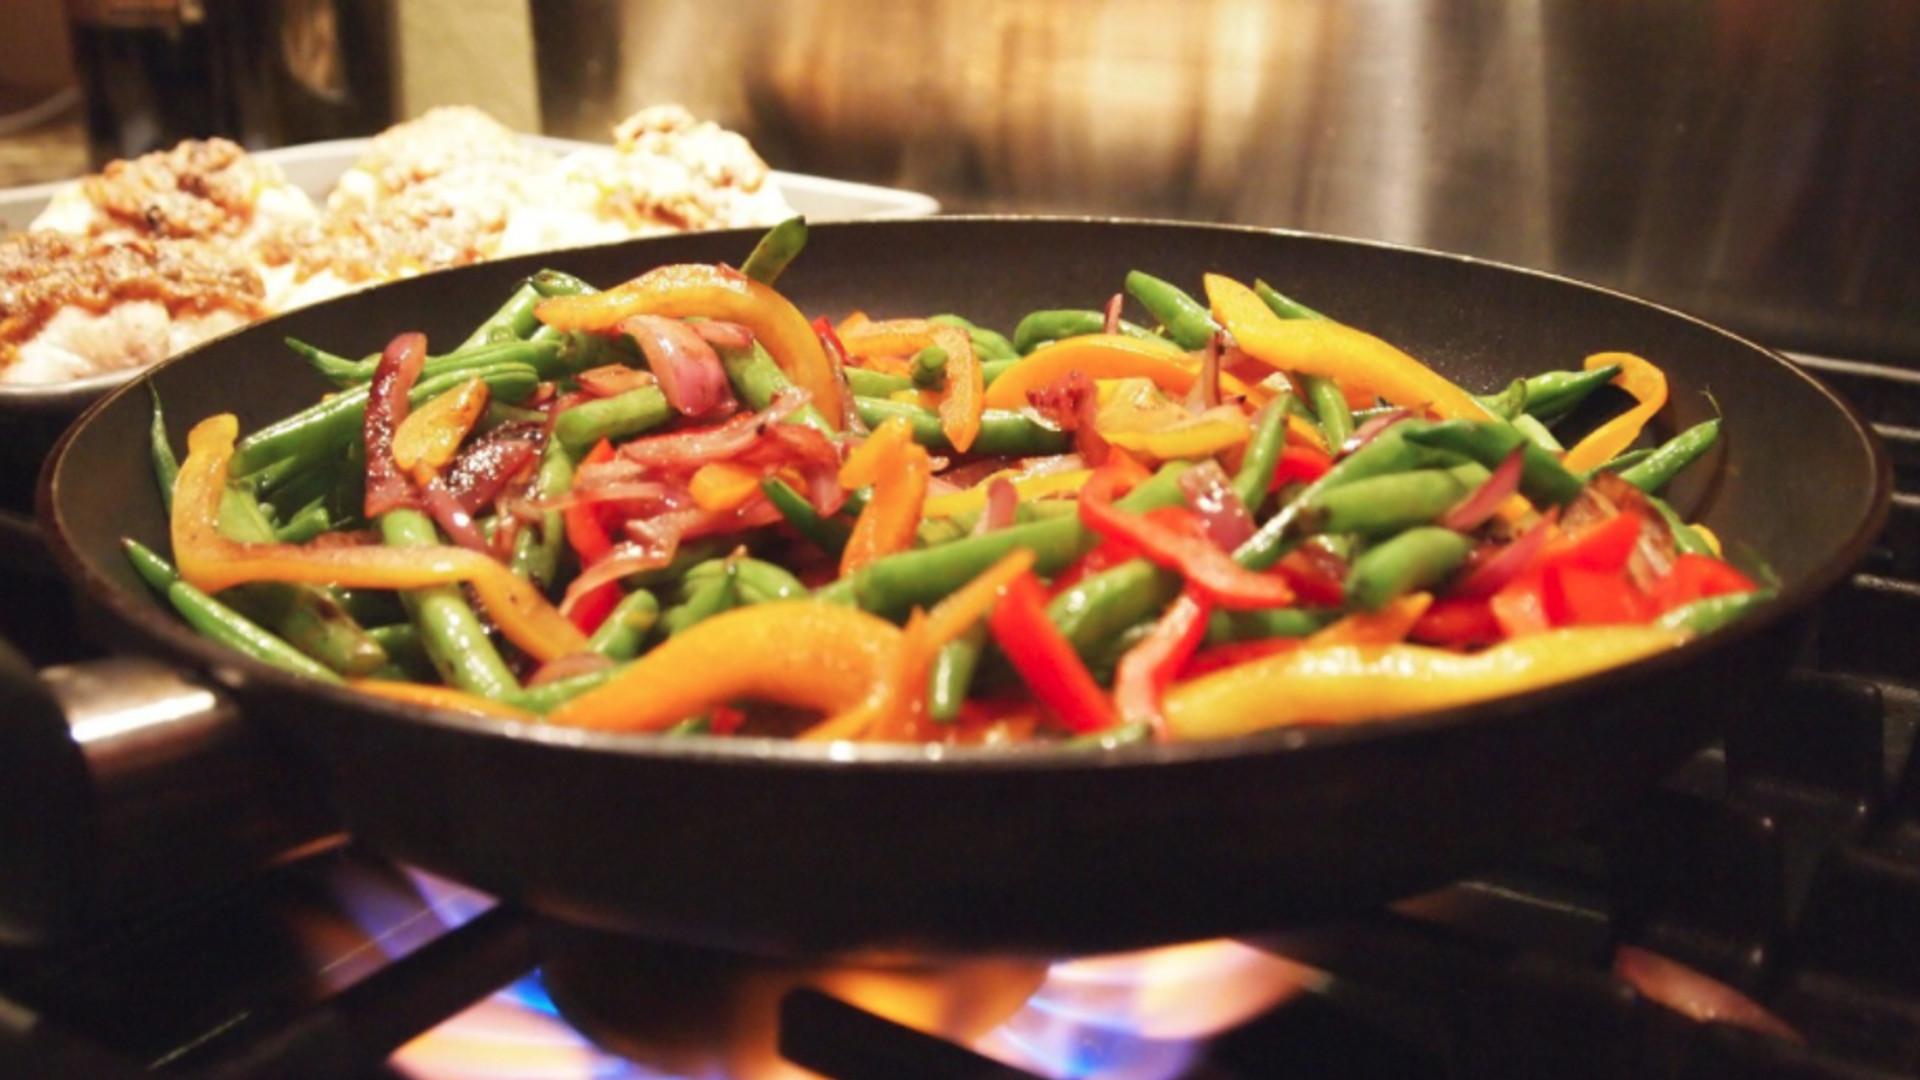 cientificos-afirman-que-son-mas-sanas-las-verduras-fritas-con-aceite-de-olivda-que-cocidas-1920